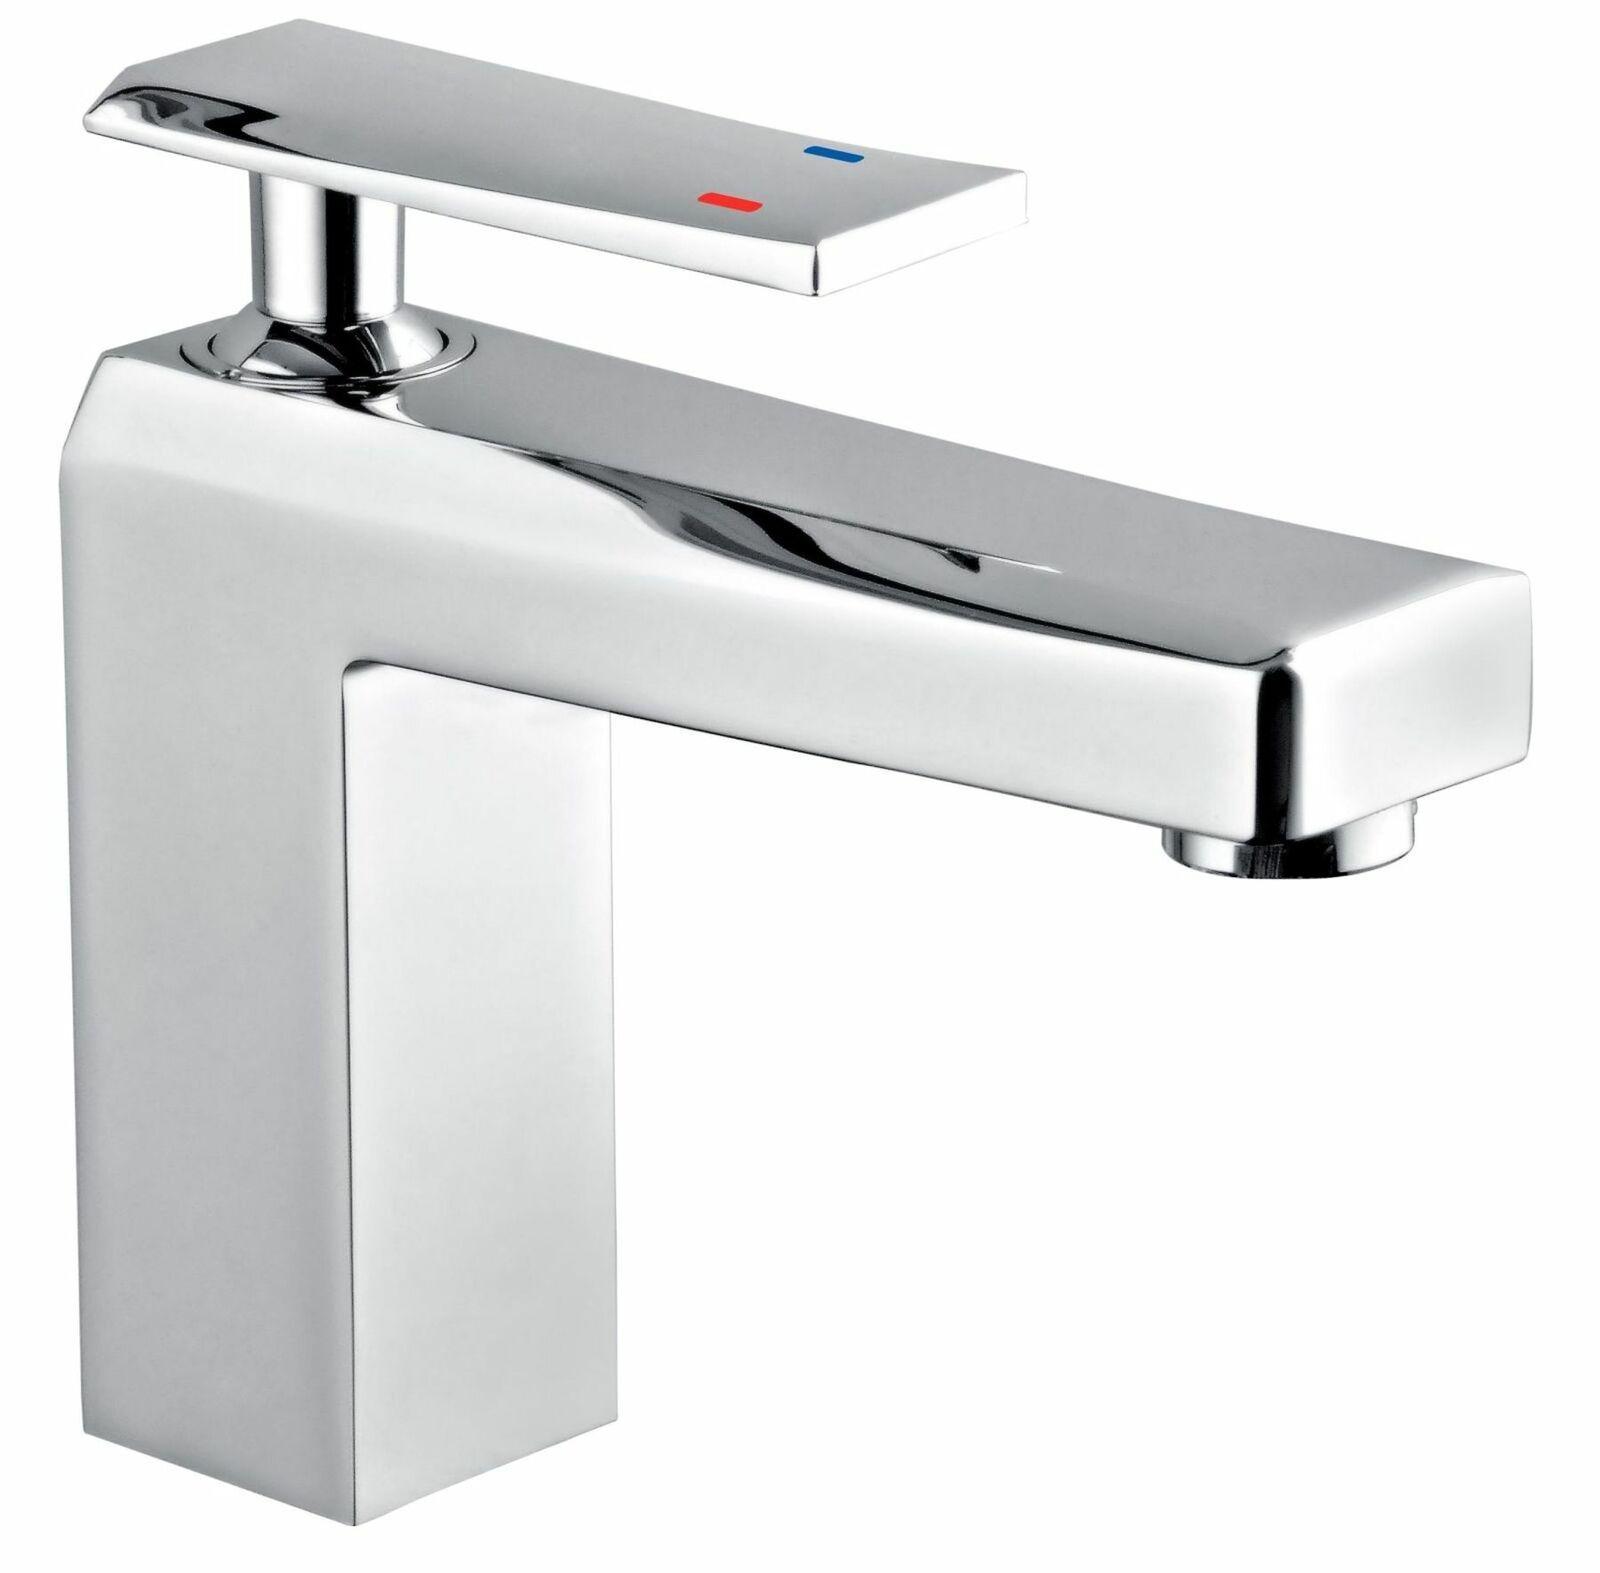 Waschbecken Armatur Badezimmer.Badezimmer Waschbecken Armatur Wasserhahn Einhebel Einhandmischer